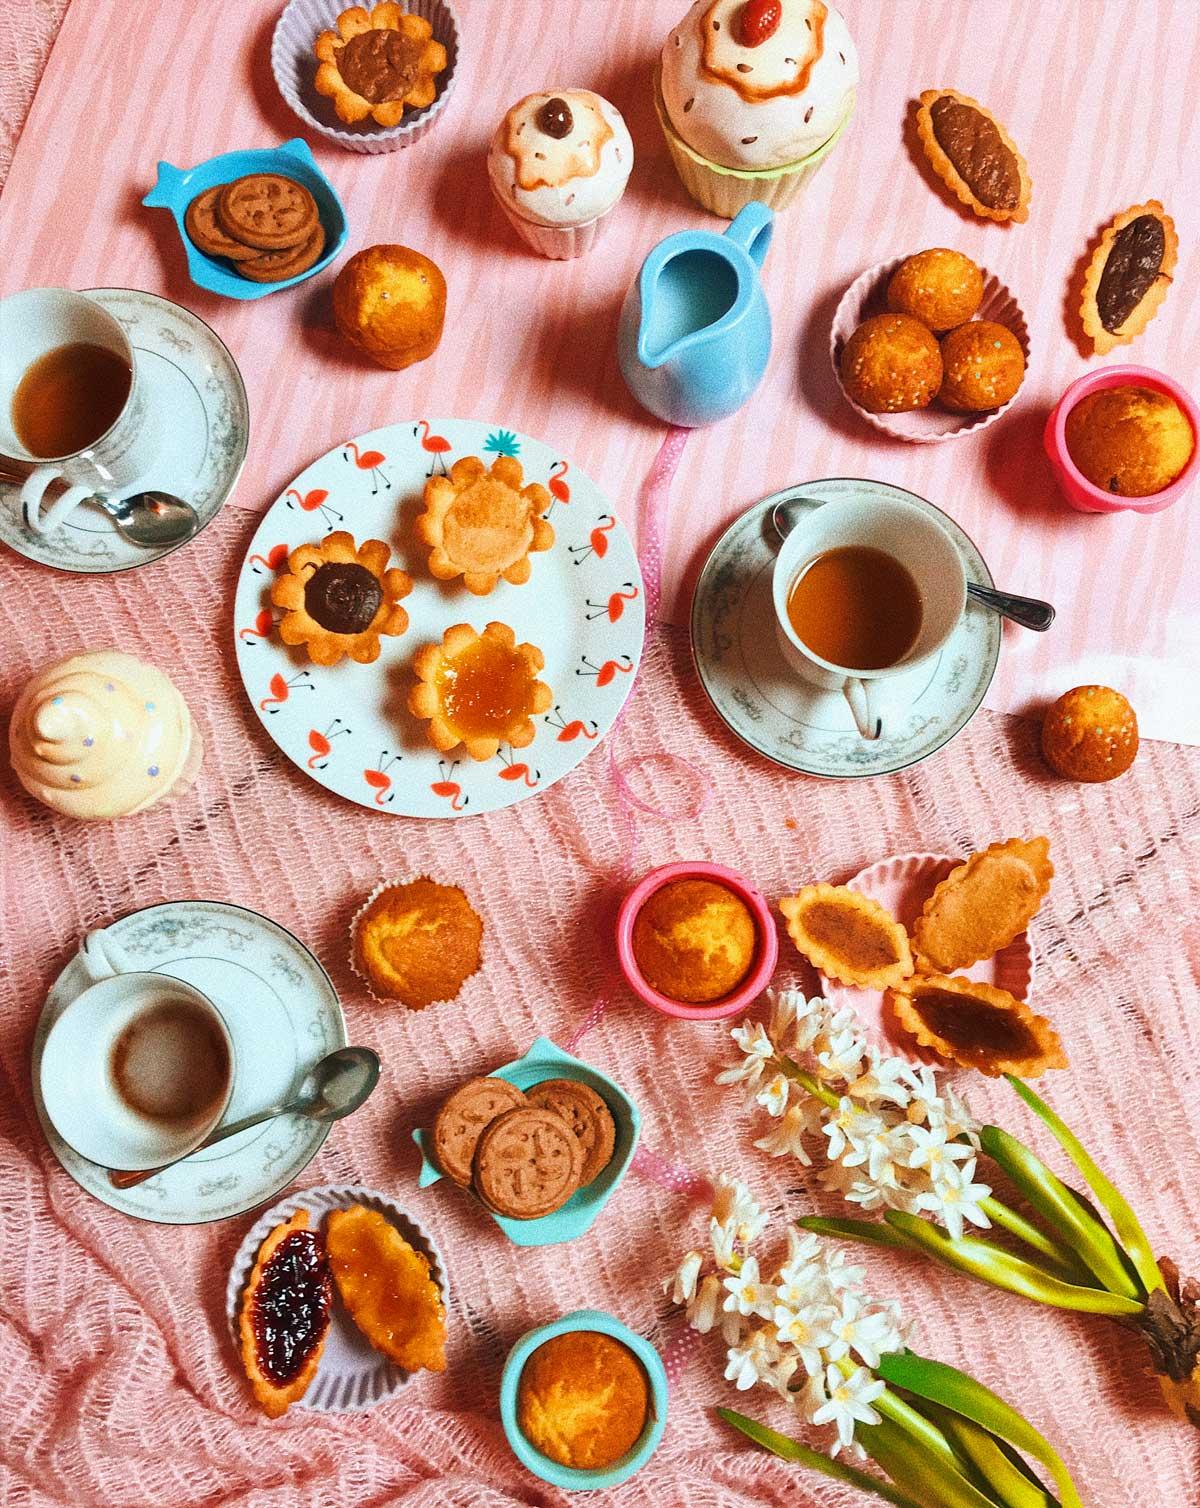 ricette dolci senza glutine merenda con le amiche